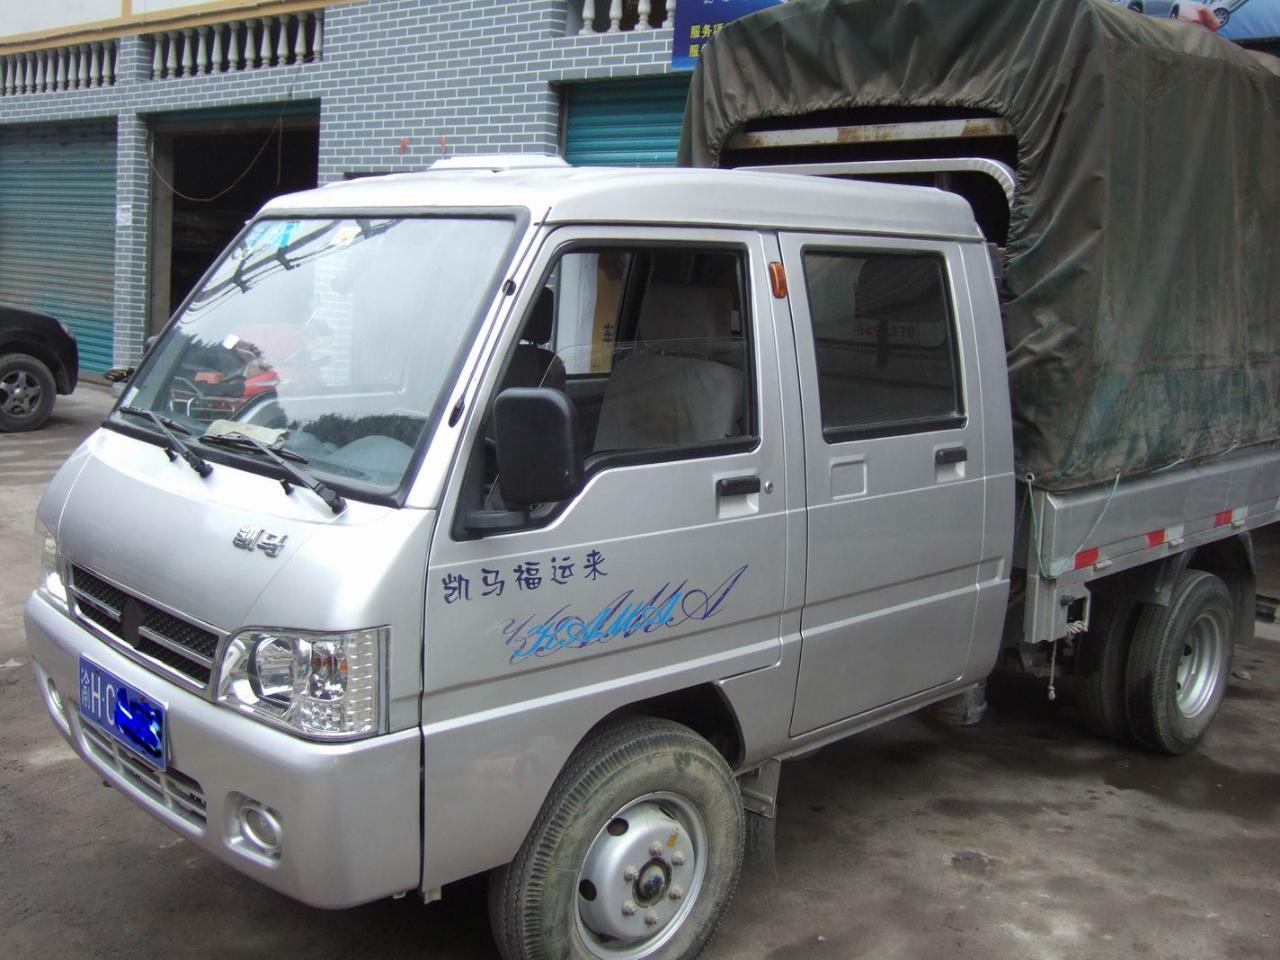 凯马双排货车 凯马锐菱双排小-凯马汽车2800自卸车 凯马汽车2800